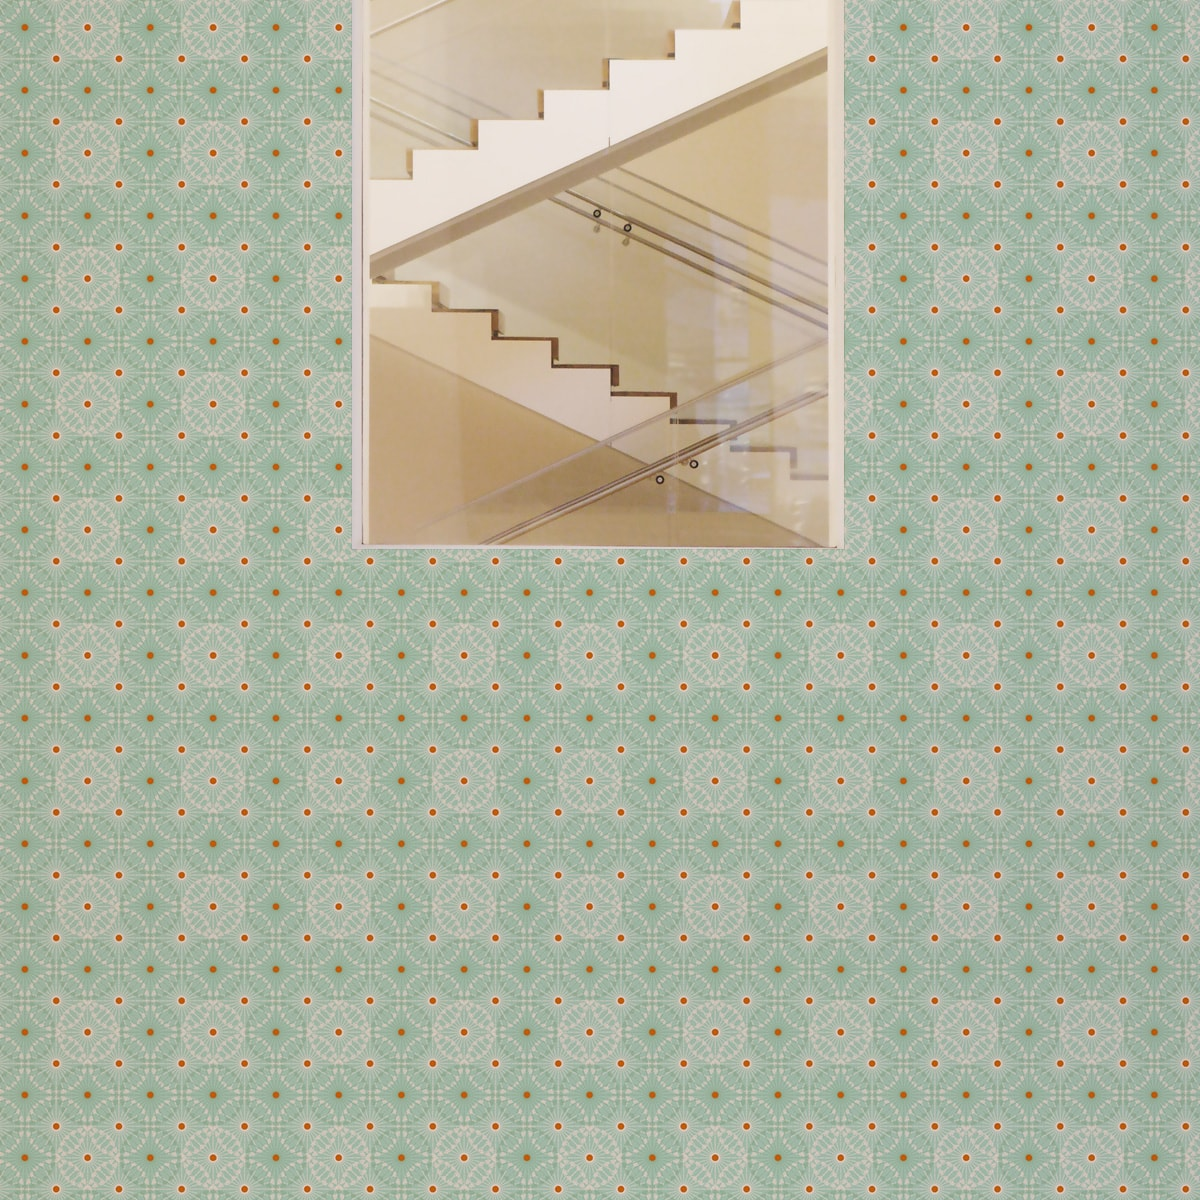 """Küchentapete grün: Mint grüne Tapete """"Charming Circles"""" mit Pfeil Kreisen, Vliestapete Ornamenttapete für Küche"""